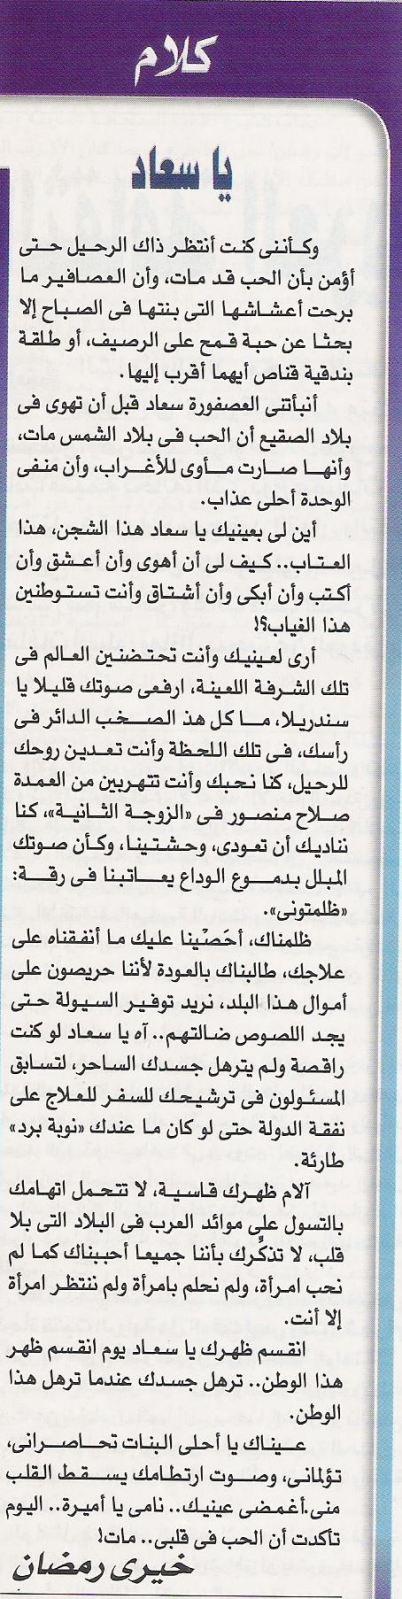 مقال - مقال صحفي : يا سعاد ... بقلم خيري رمضان 2010 م (؟) Osxrnp